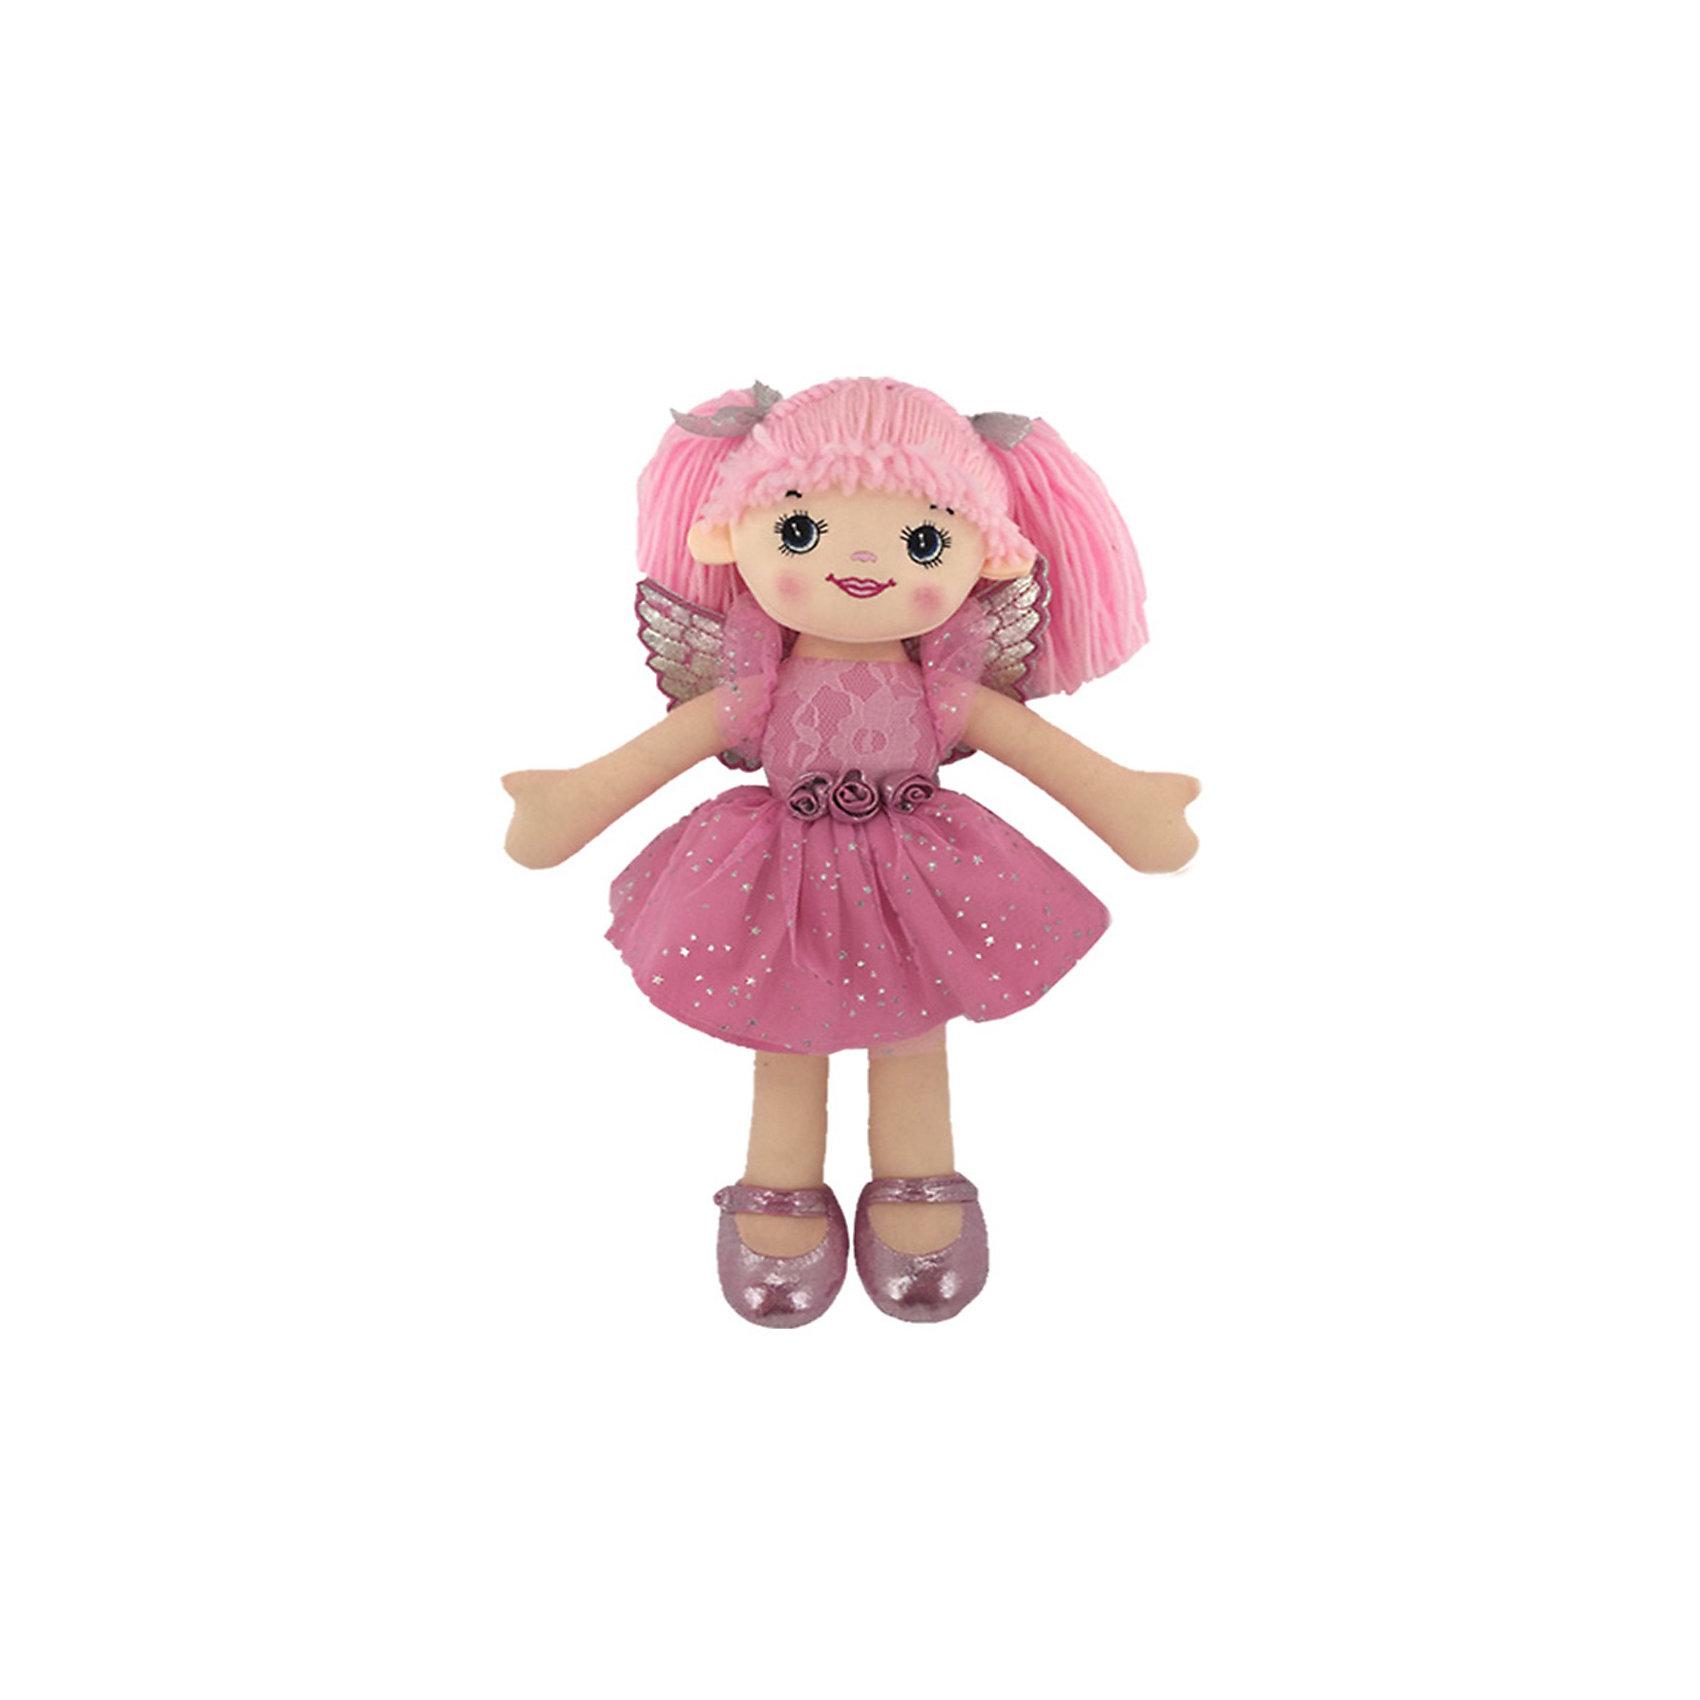 Купить SHANTOU Мягкая кукла Балерина, 30 см (розовое платье) M6004, Shantou Gepai, Классические куклы